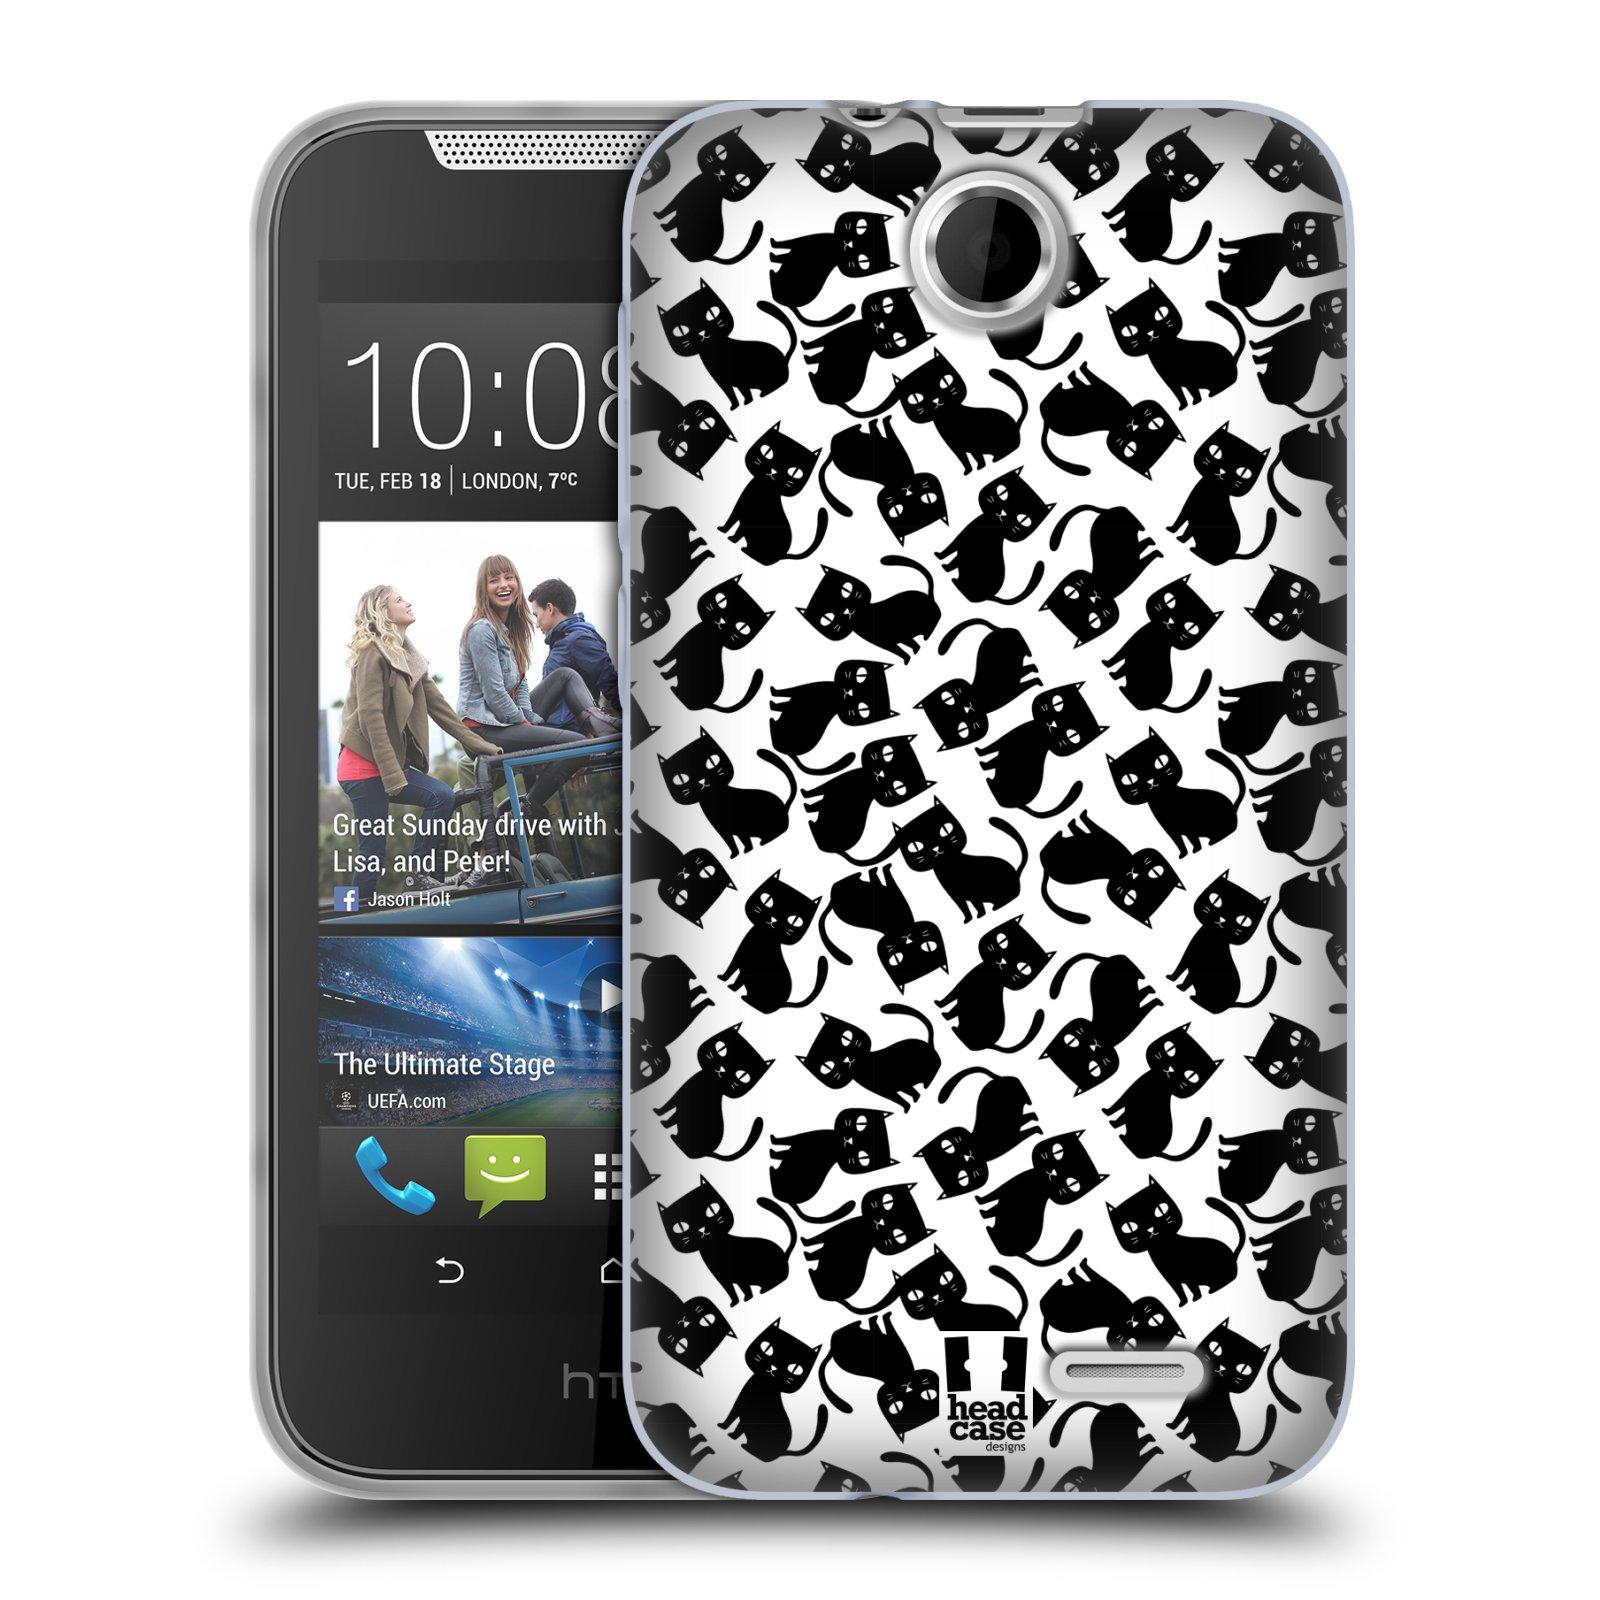 Silikonové pouzdro na mobil HTC Desire 310 HEAD CASE KOČKY Black Pattern (Silikonový kryt či obal na mobilní telefon HTC Desire 310)